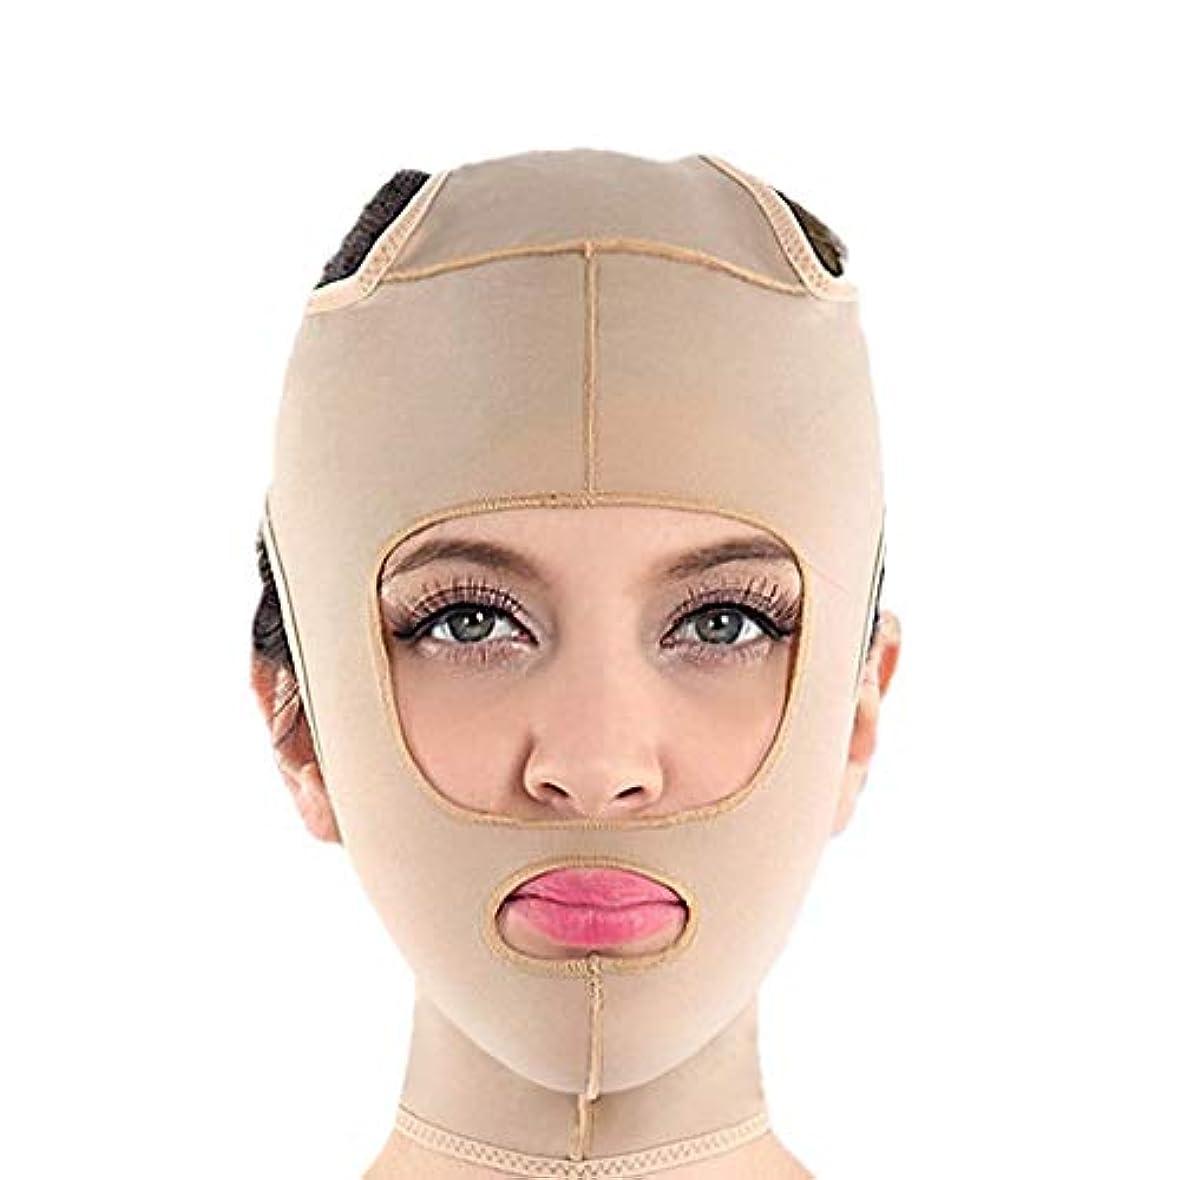 広くドナーせっかちフェイスリフティング、ダブルチンストラップ、フェイシャル減量マスク、ダブルチンを減らすリフティングヌードル、ファーミングフェイス、パワフルリフティングマスク(サイズ:M),M